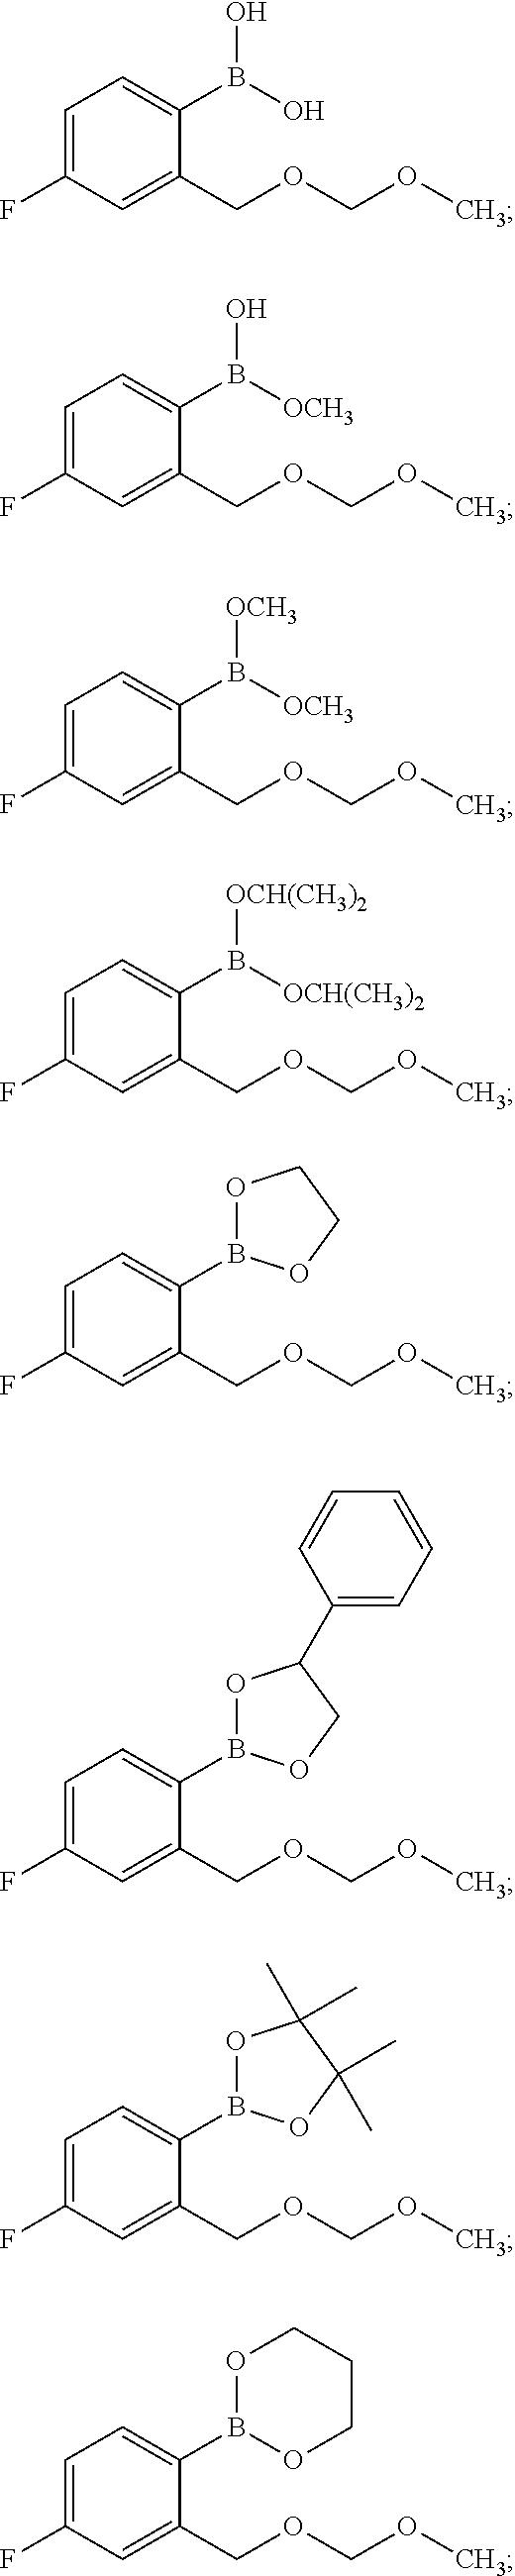 Figure US09353133-20160531-C00089